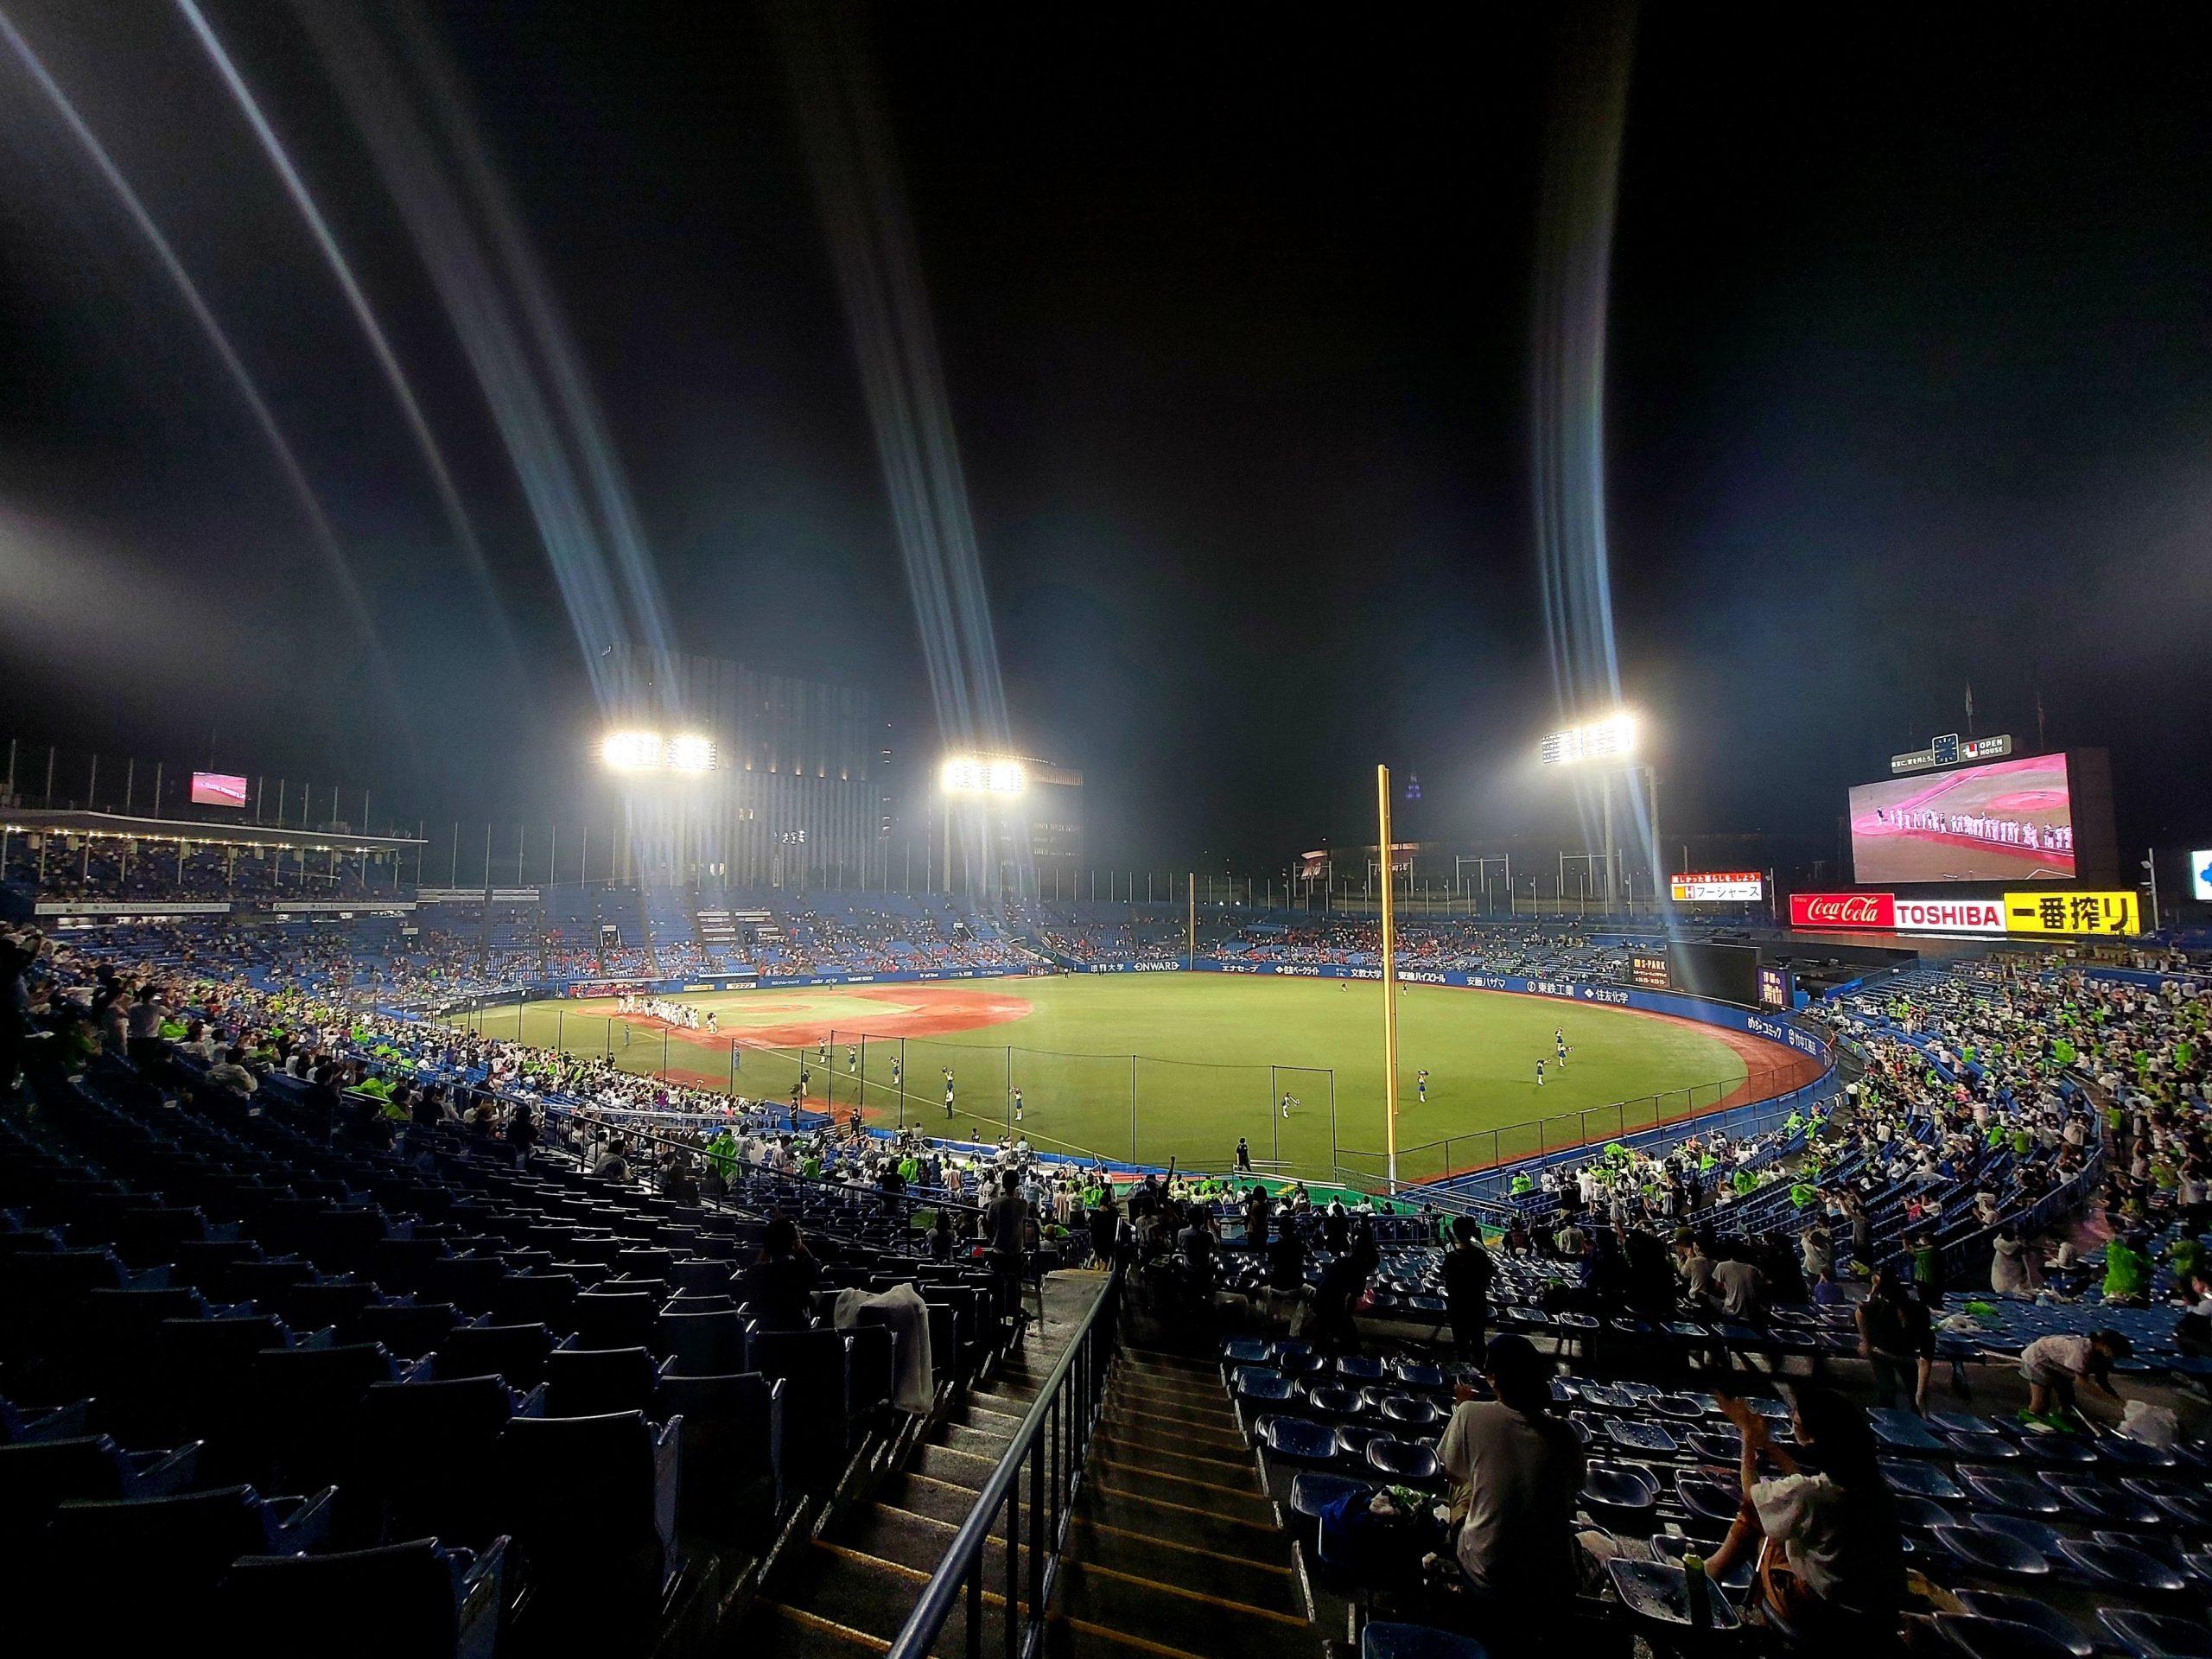 Meiji Jingu Stadium on 9 July 2021